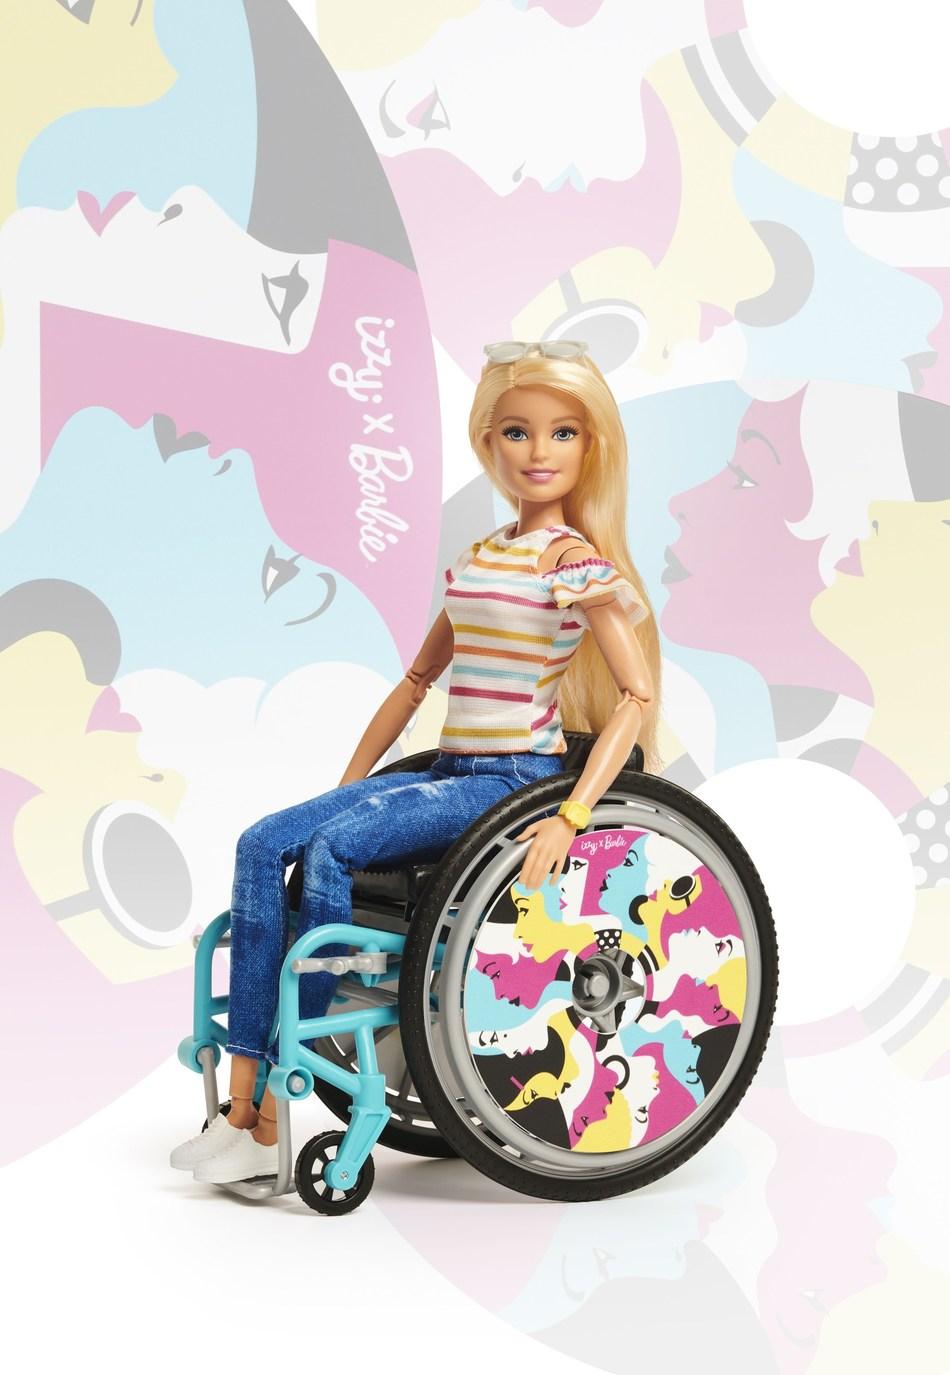 Barbie x Izzy Wheels by Malika Favre design Doll